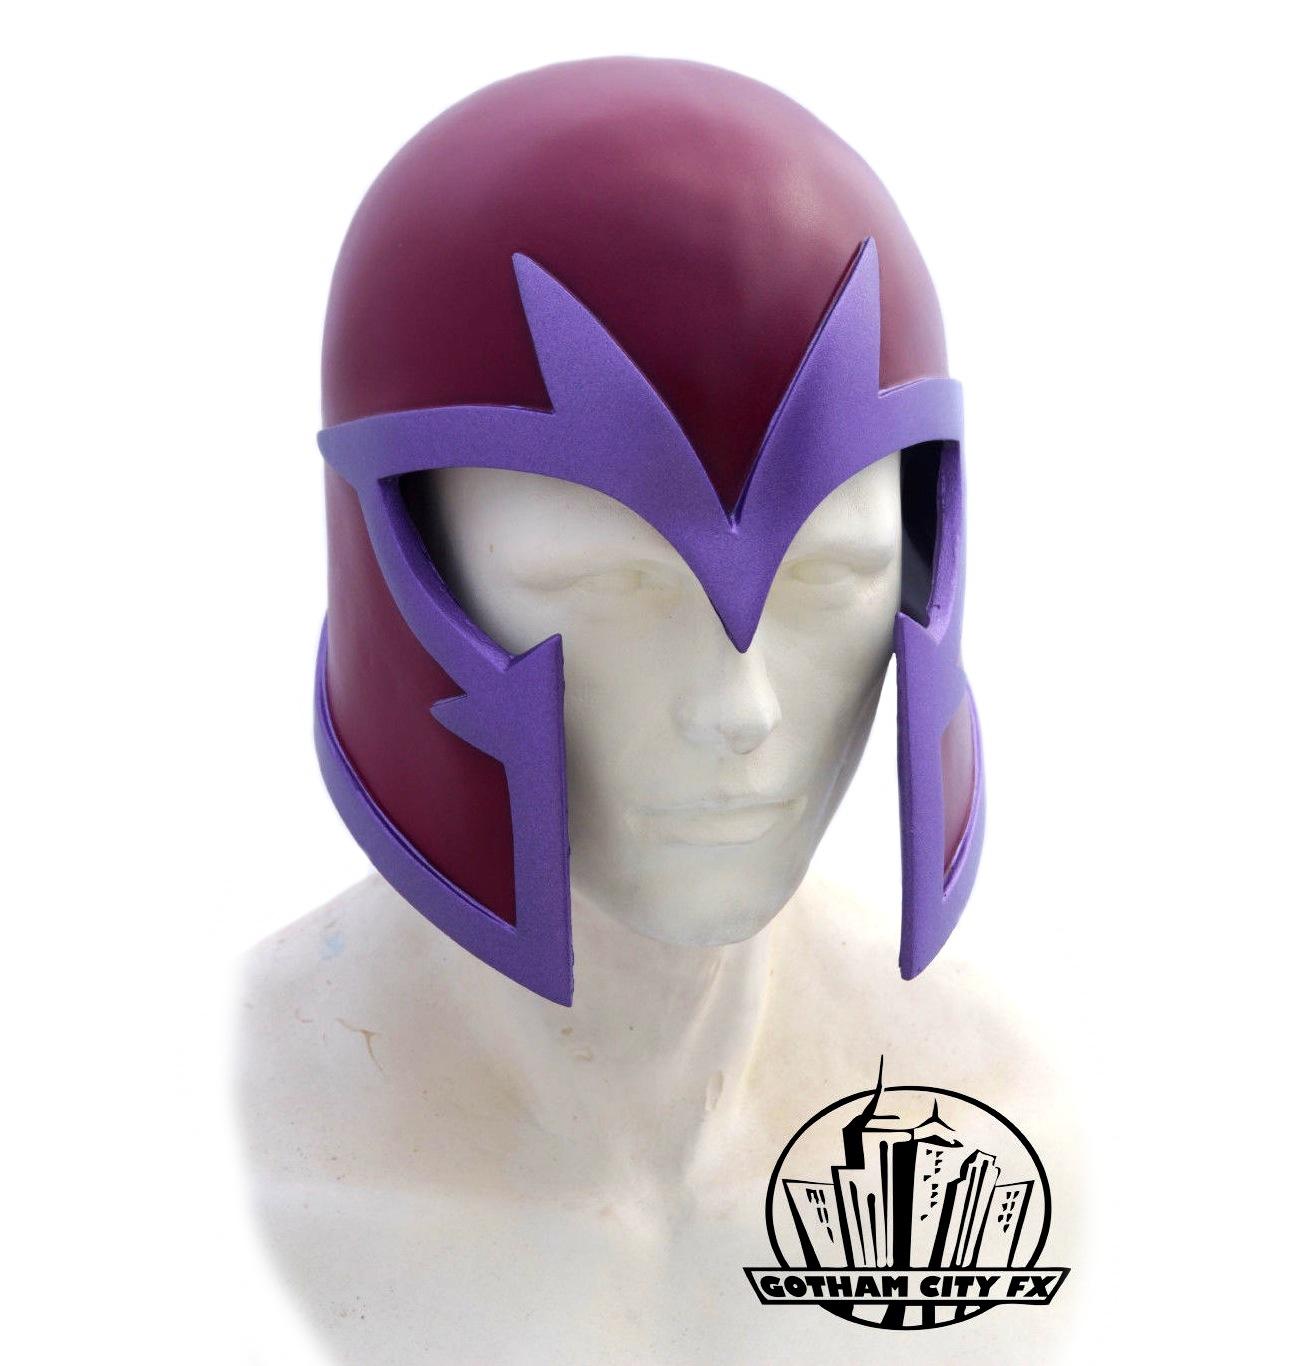 xmen first class magneto helmet 183 gotham city fx 183 online